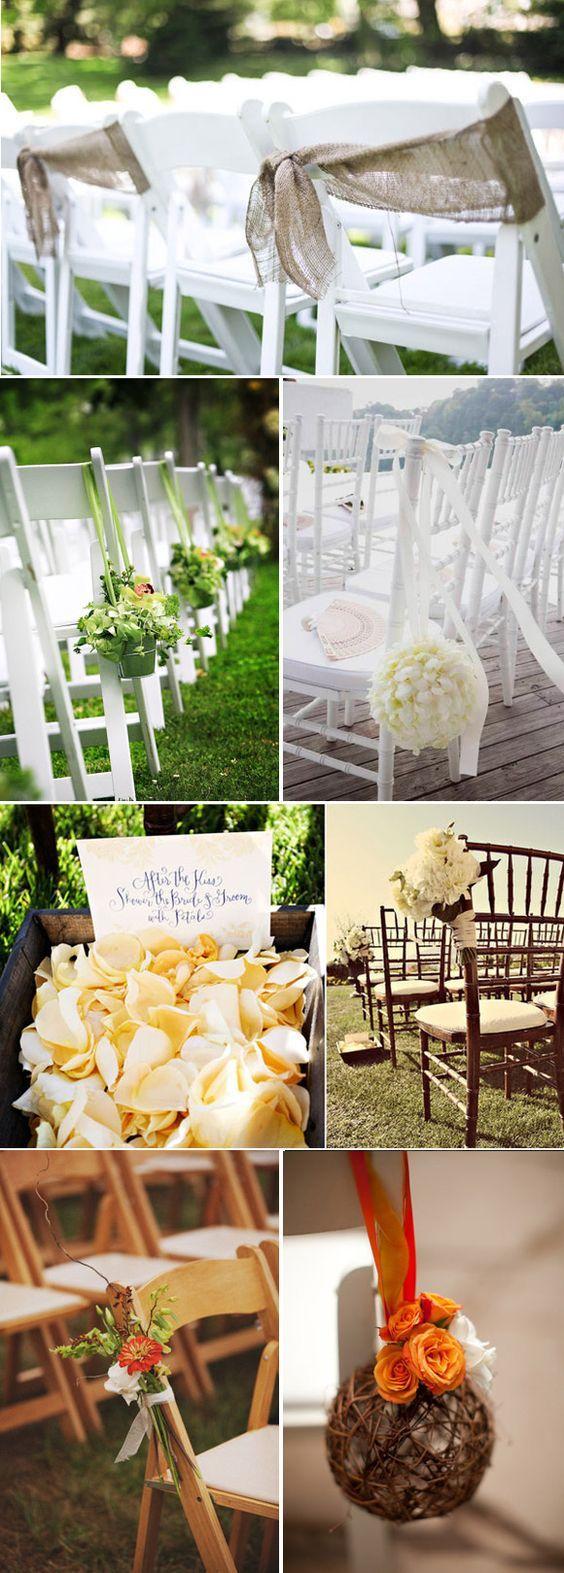 276 best images about decoracion de bodas salones on for Sillas para novios